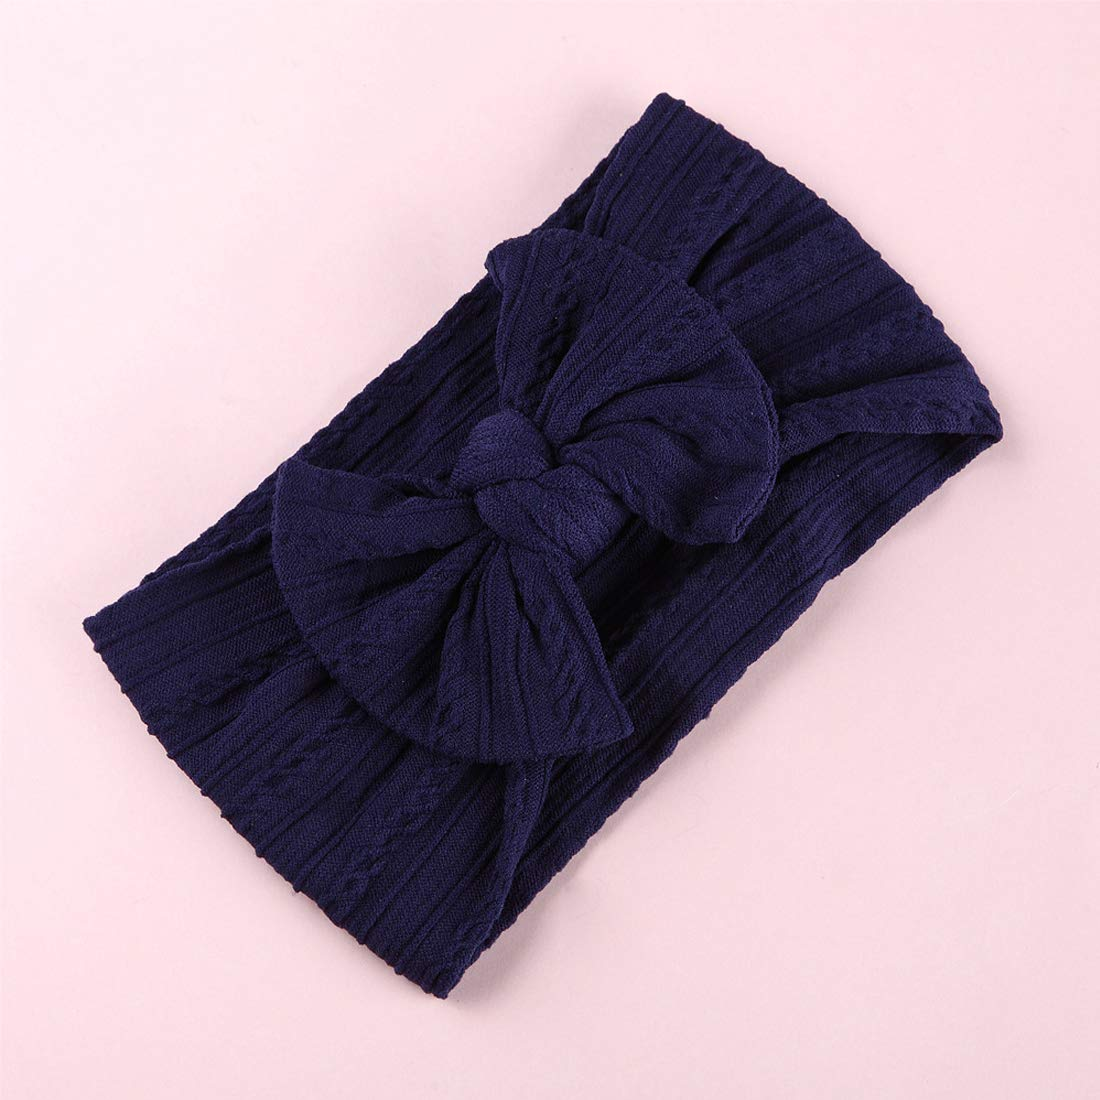 Joyfeels Store Cintas para el pelo de Nylon para beb/és Turbante Knotted Girls Hairband Super suave y el/ástica Wrap para reci/én nacidos Toddle para ni/ños